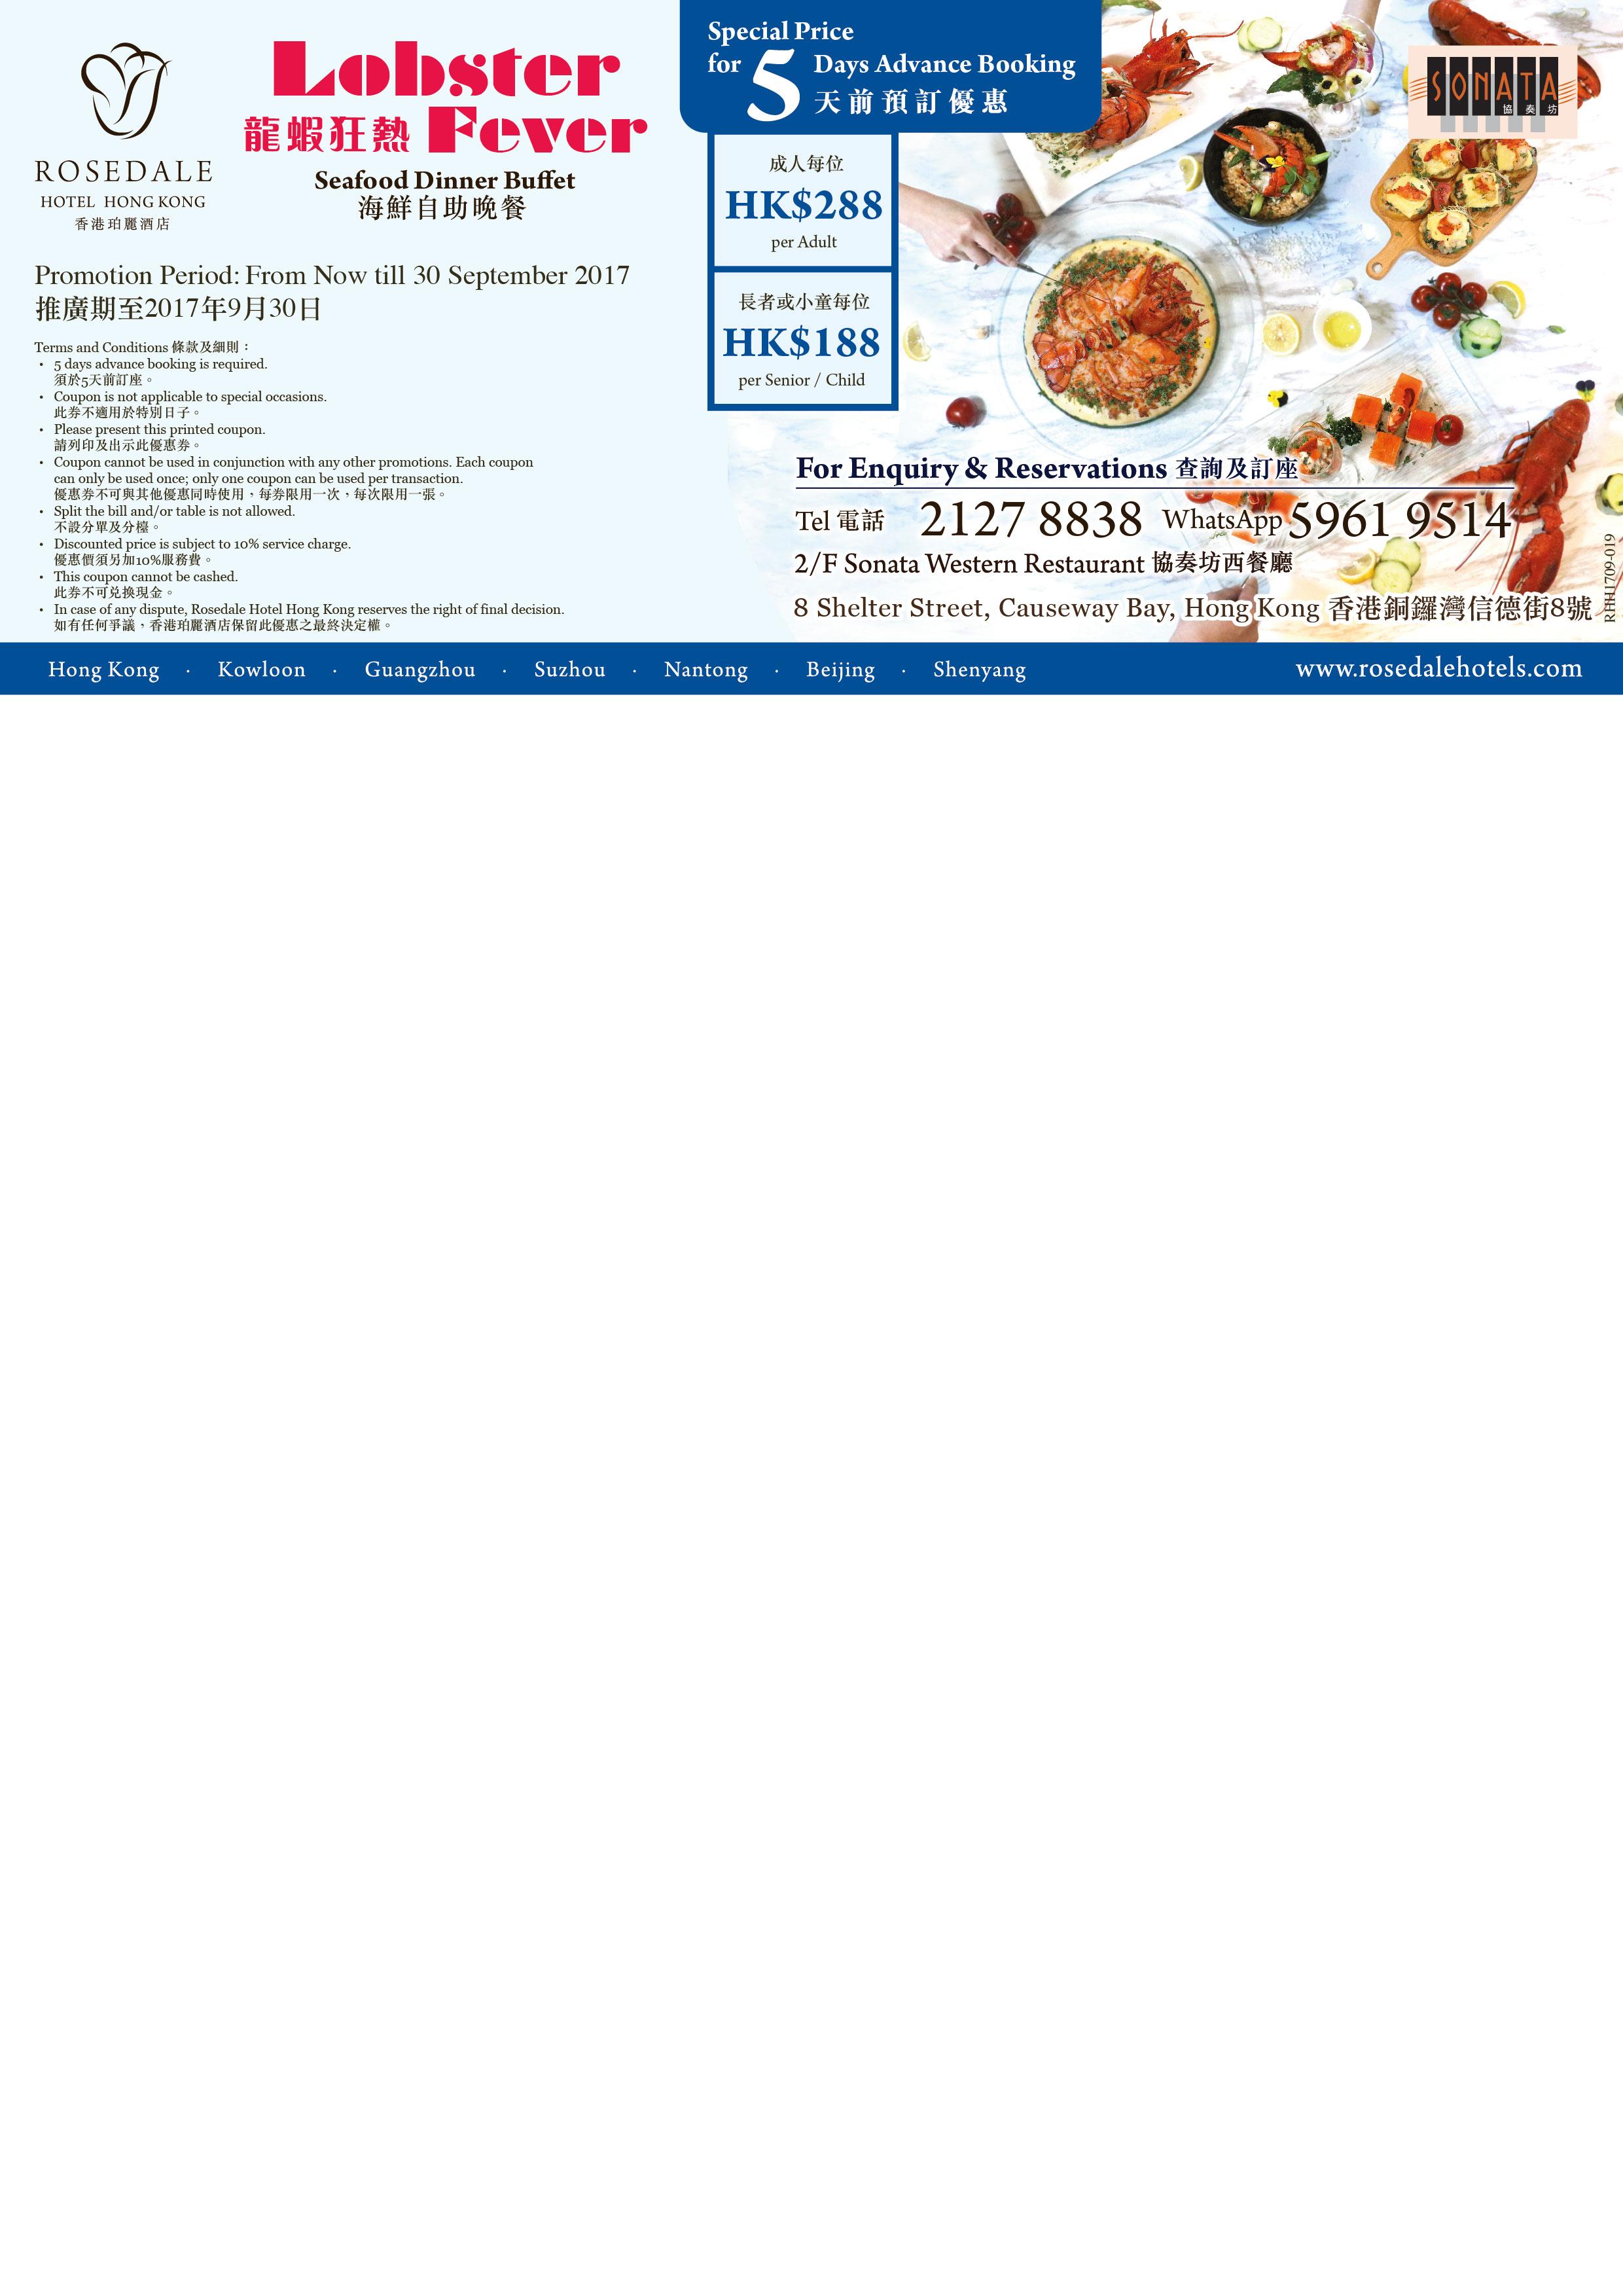 Hong kong buffet shakopee coupon